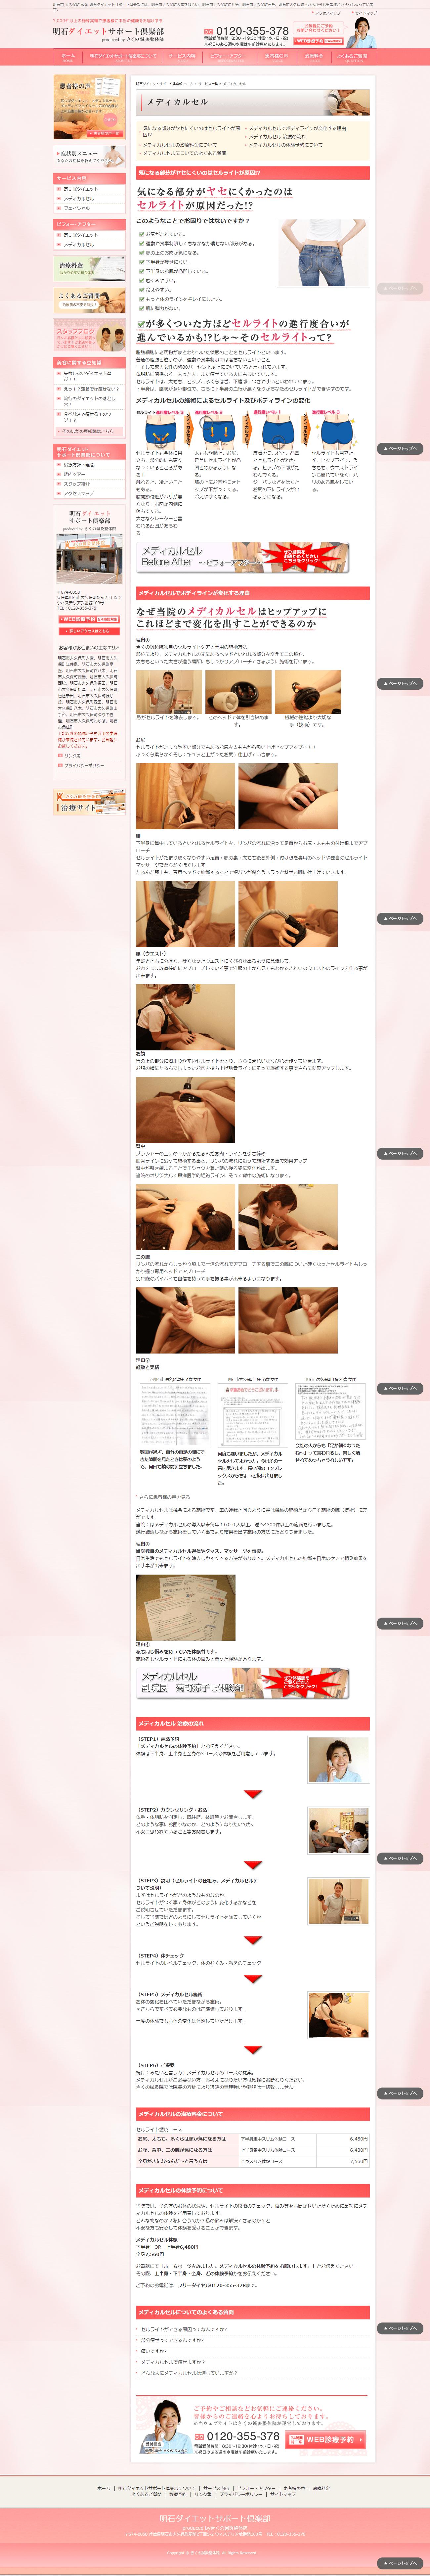 明石市 明石ダイエットサポート倶楽部様 ホームページ制作1